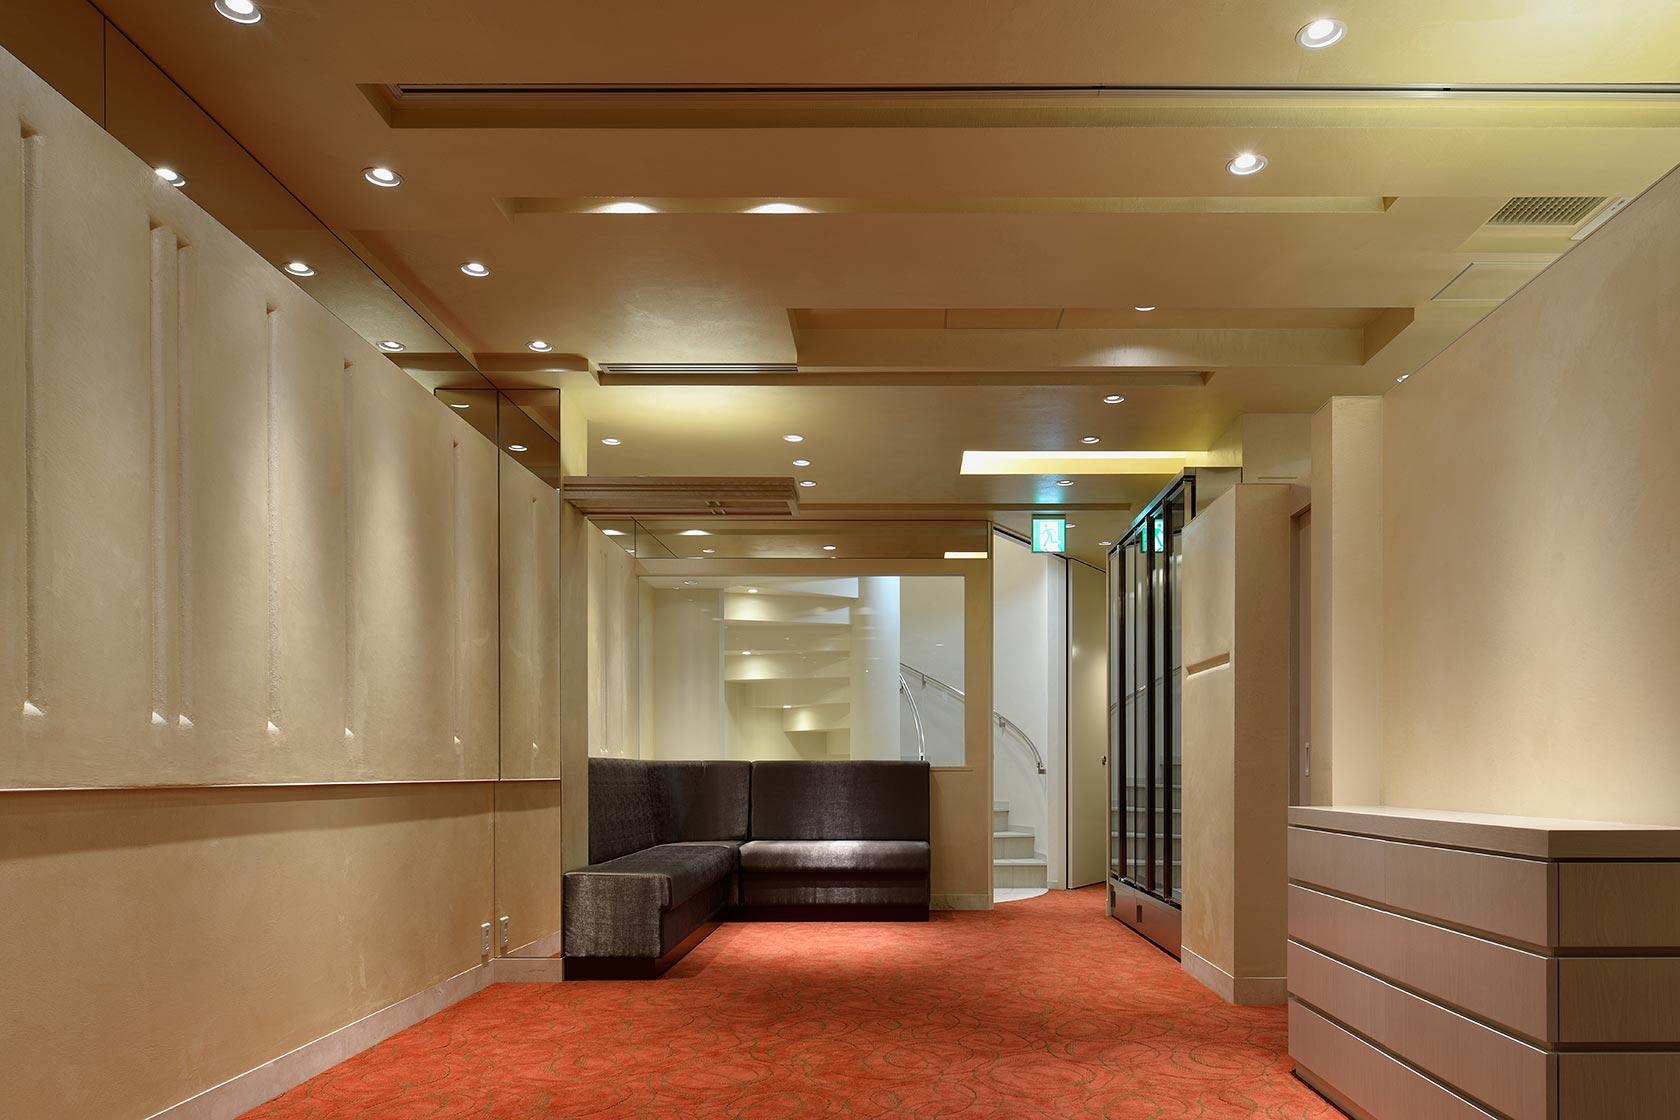 ナベノイズム12-テラス側から2階客室を見る